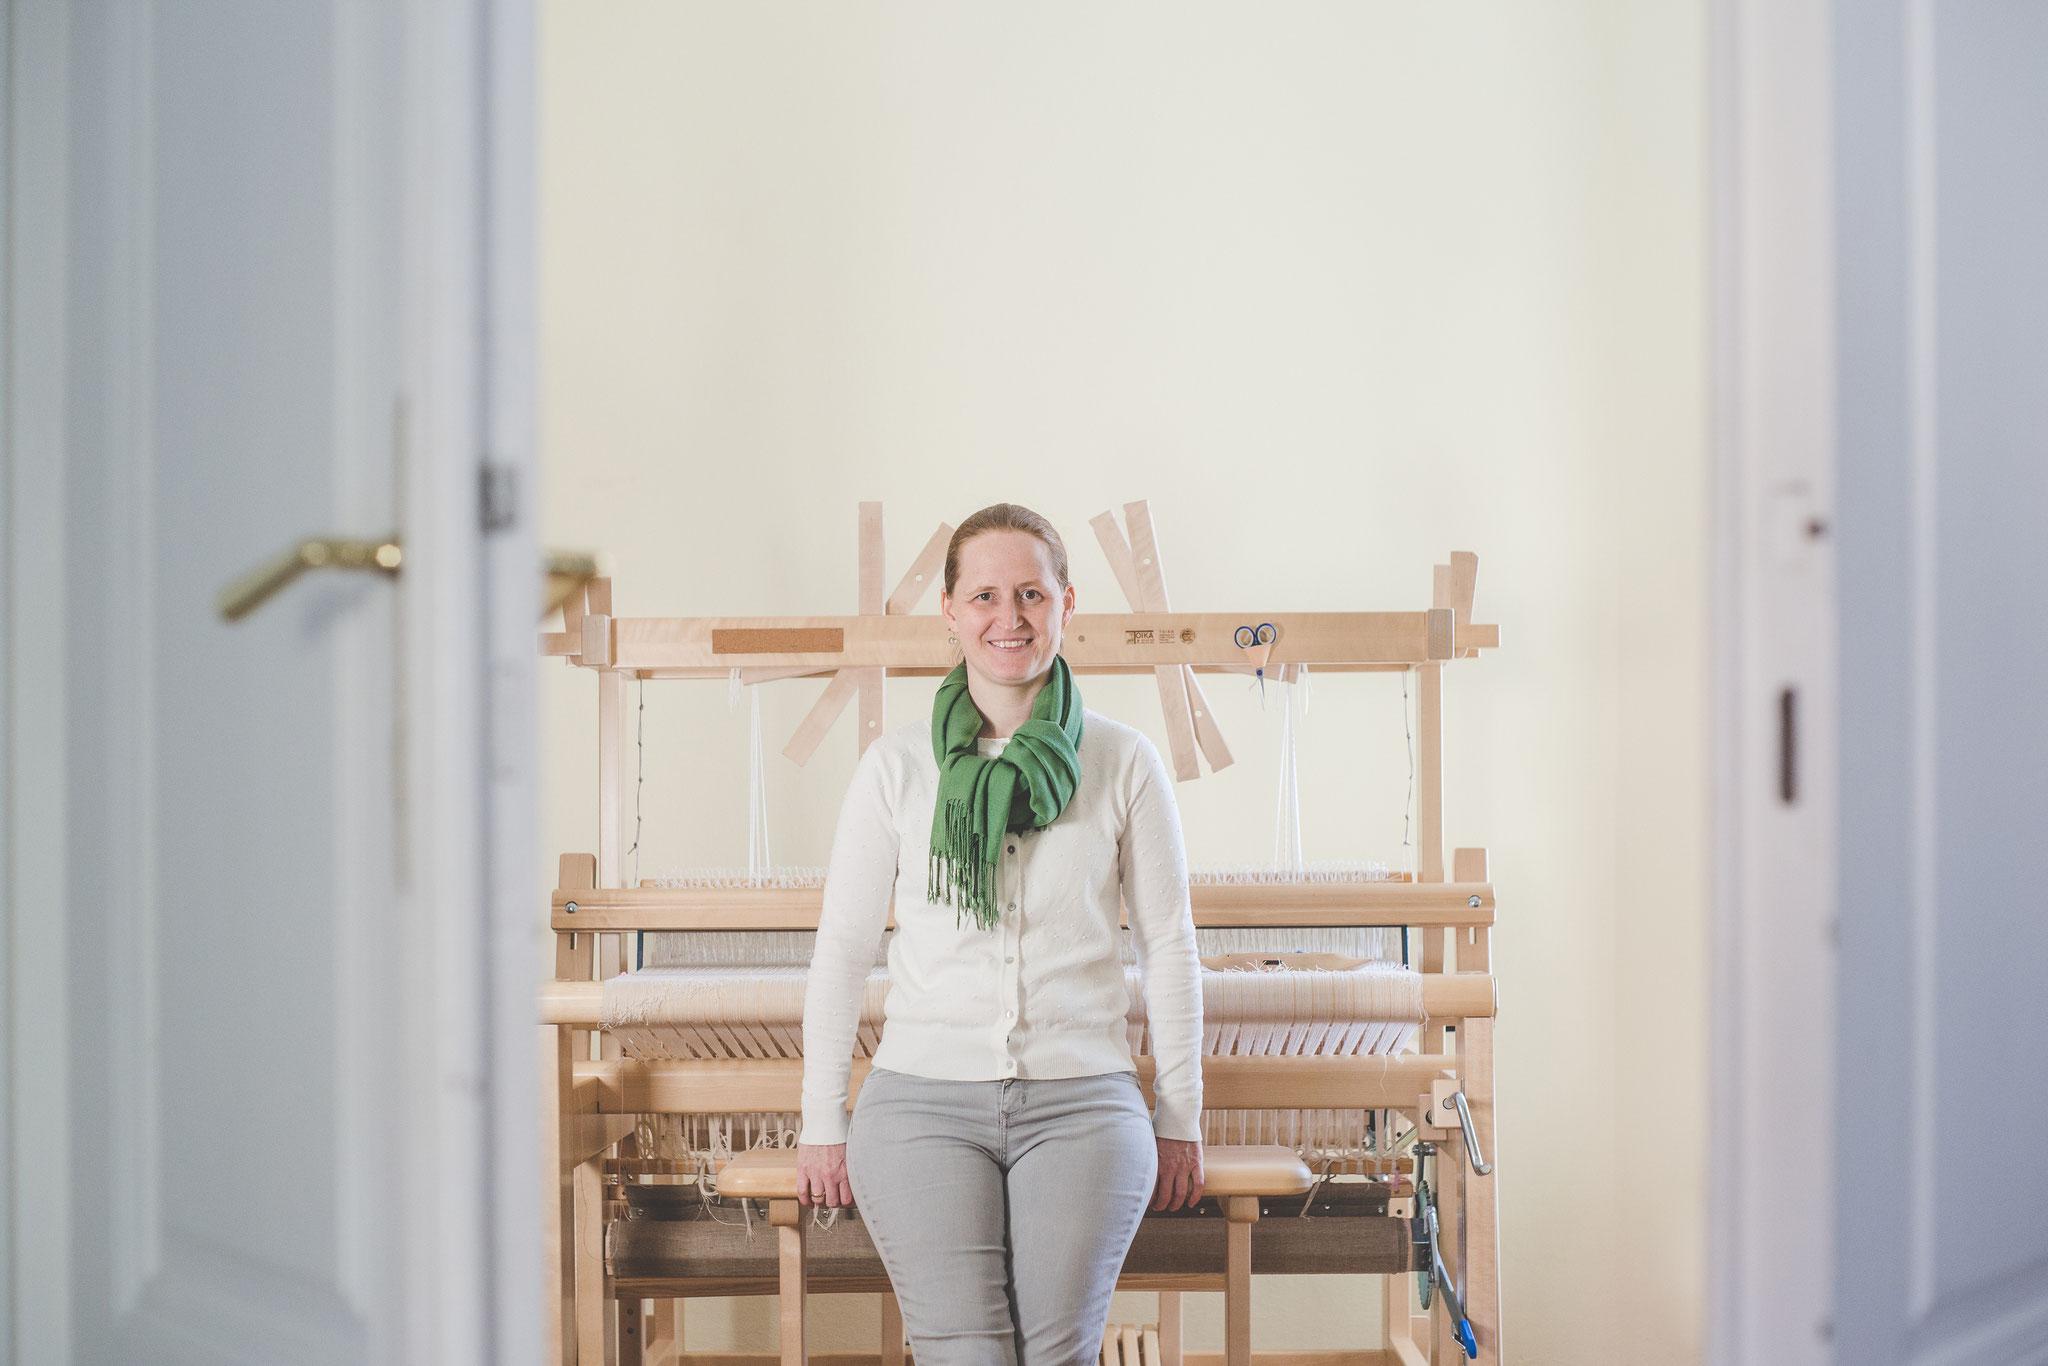 Doris Bigl, Die Musterweberei, Foto: JOfotografie/Joachim Otter